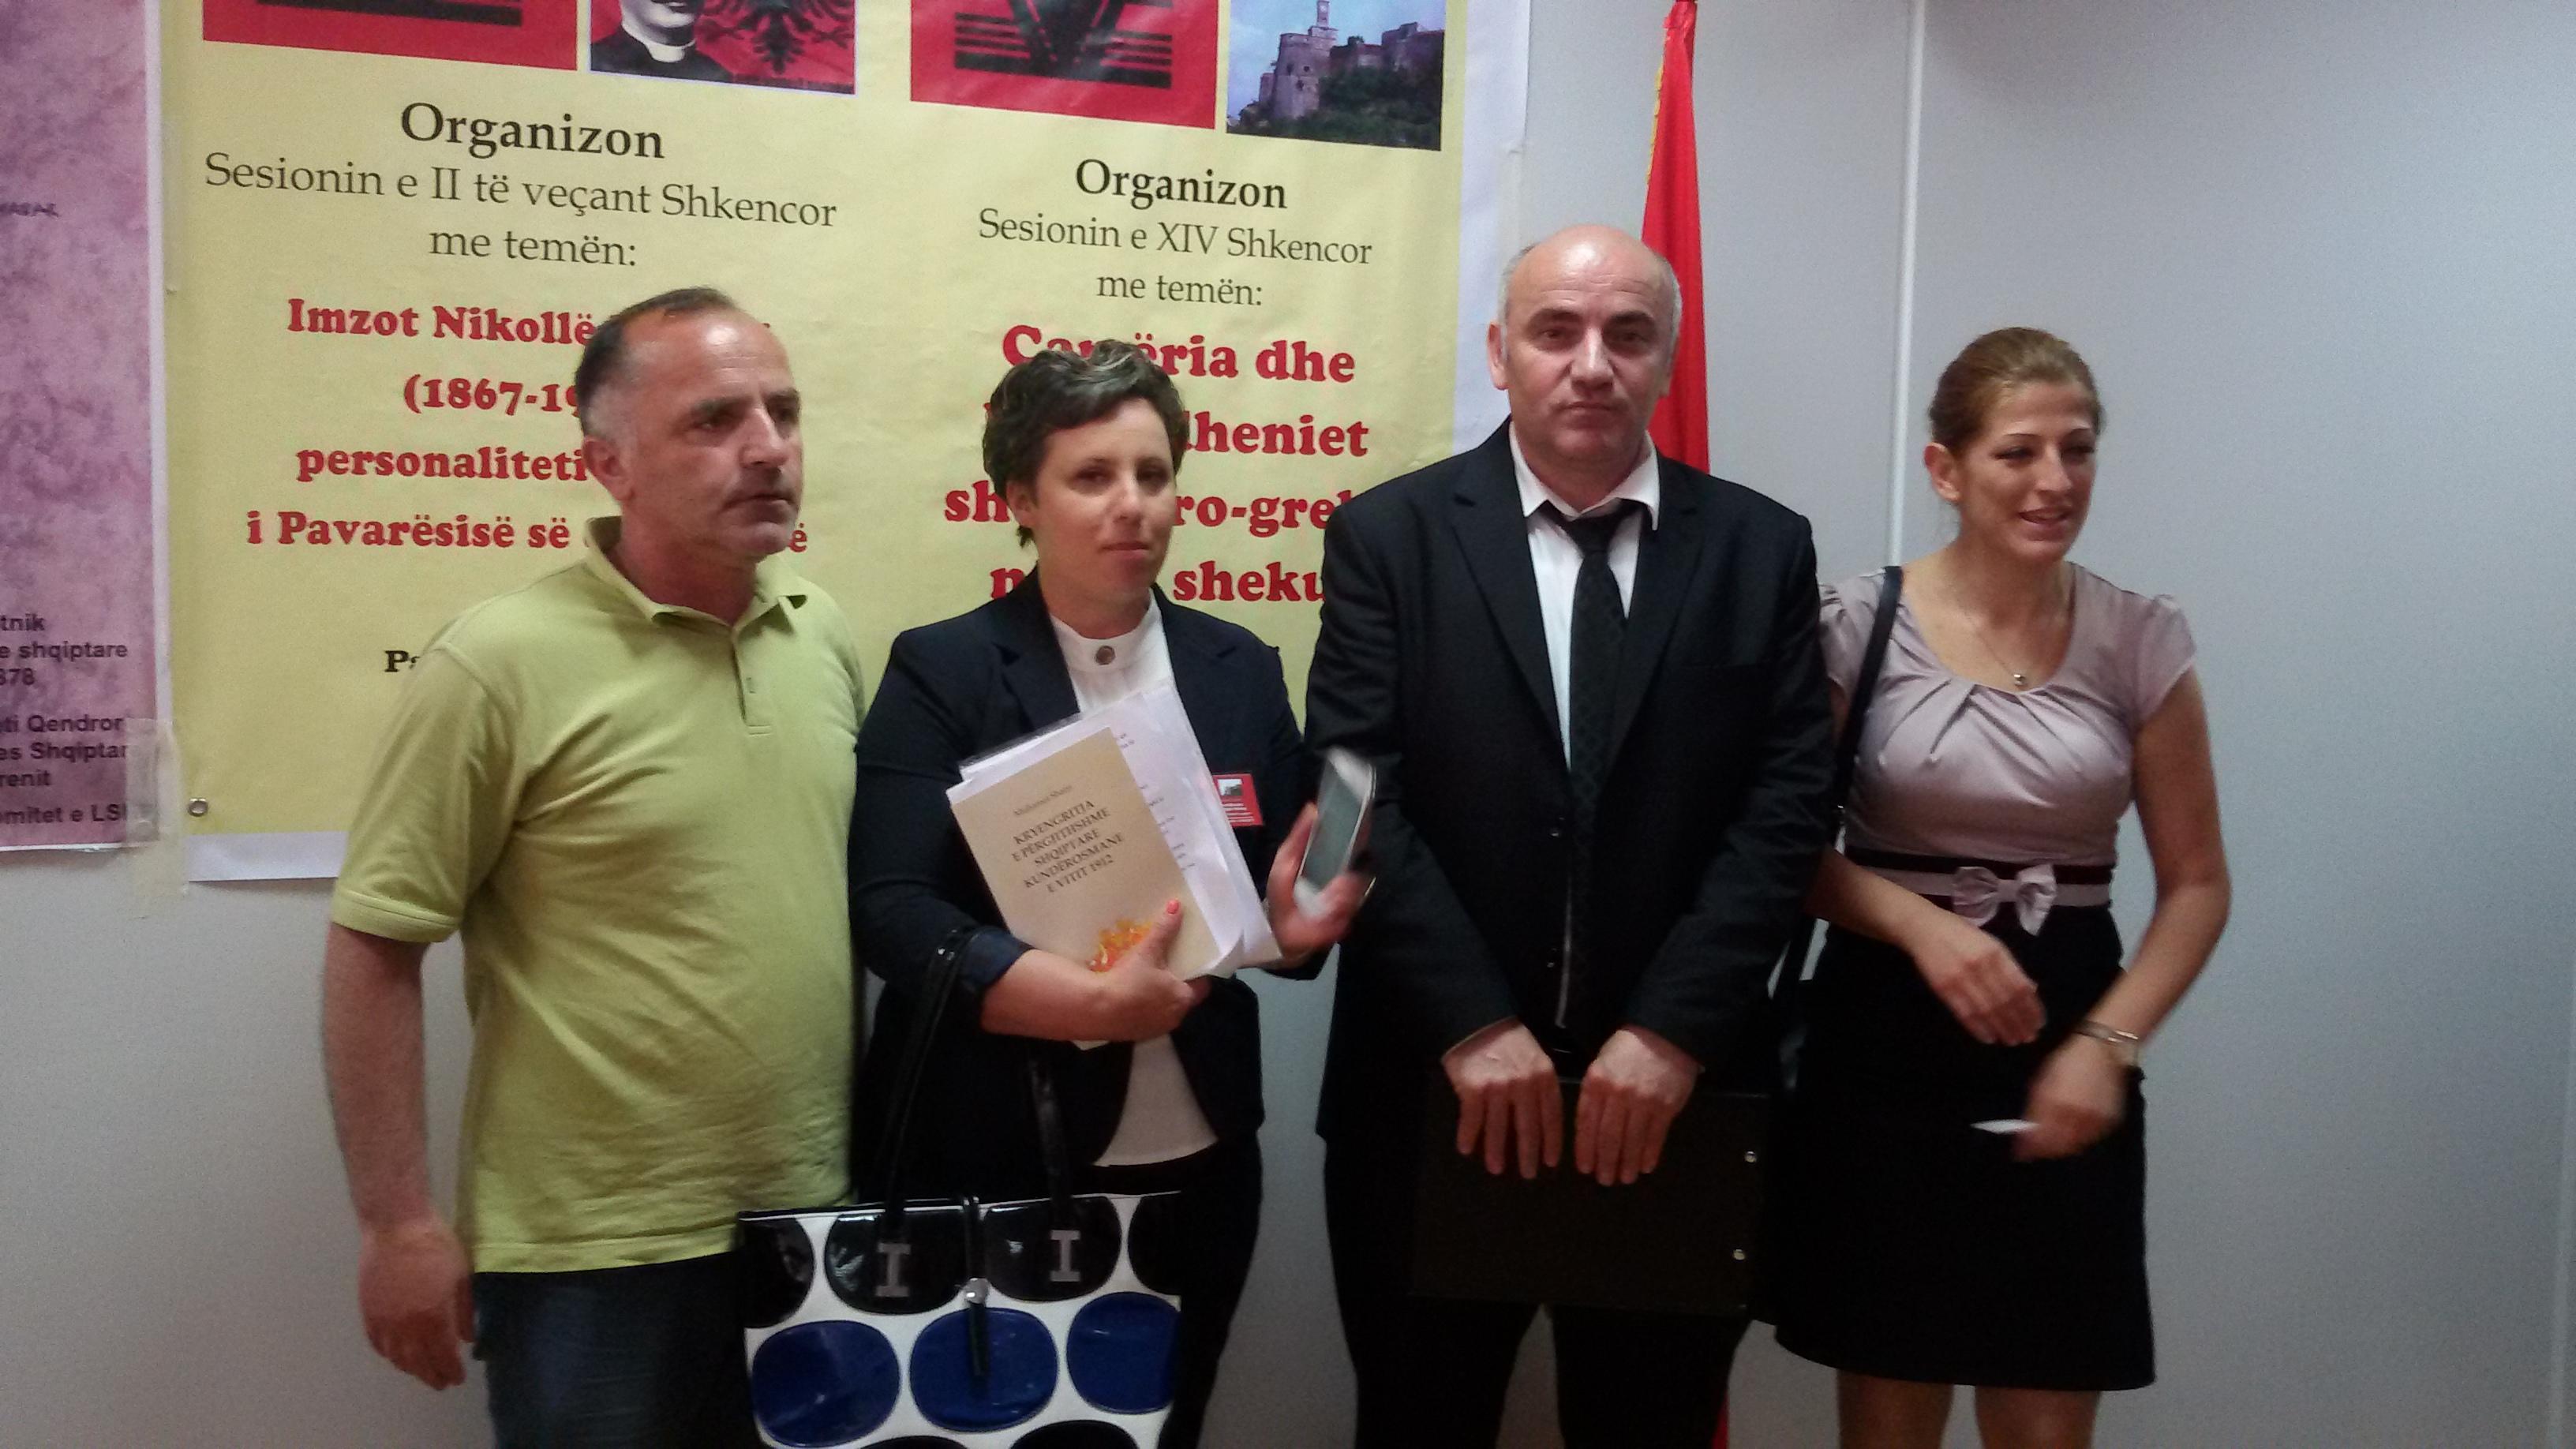 Çamëria dhe marrëdhënjet shqiptaro- greke nëpër shekuj